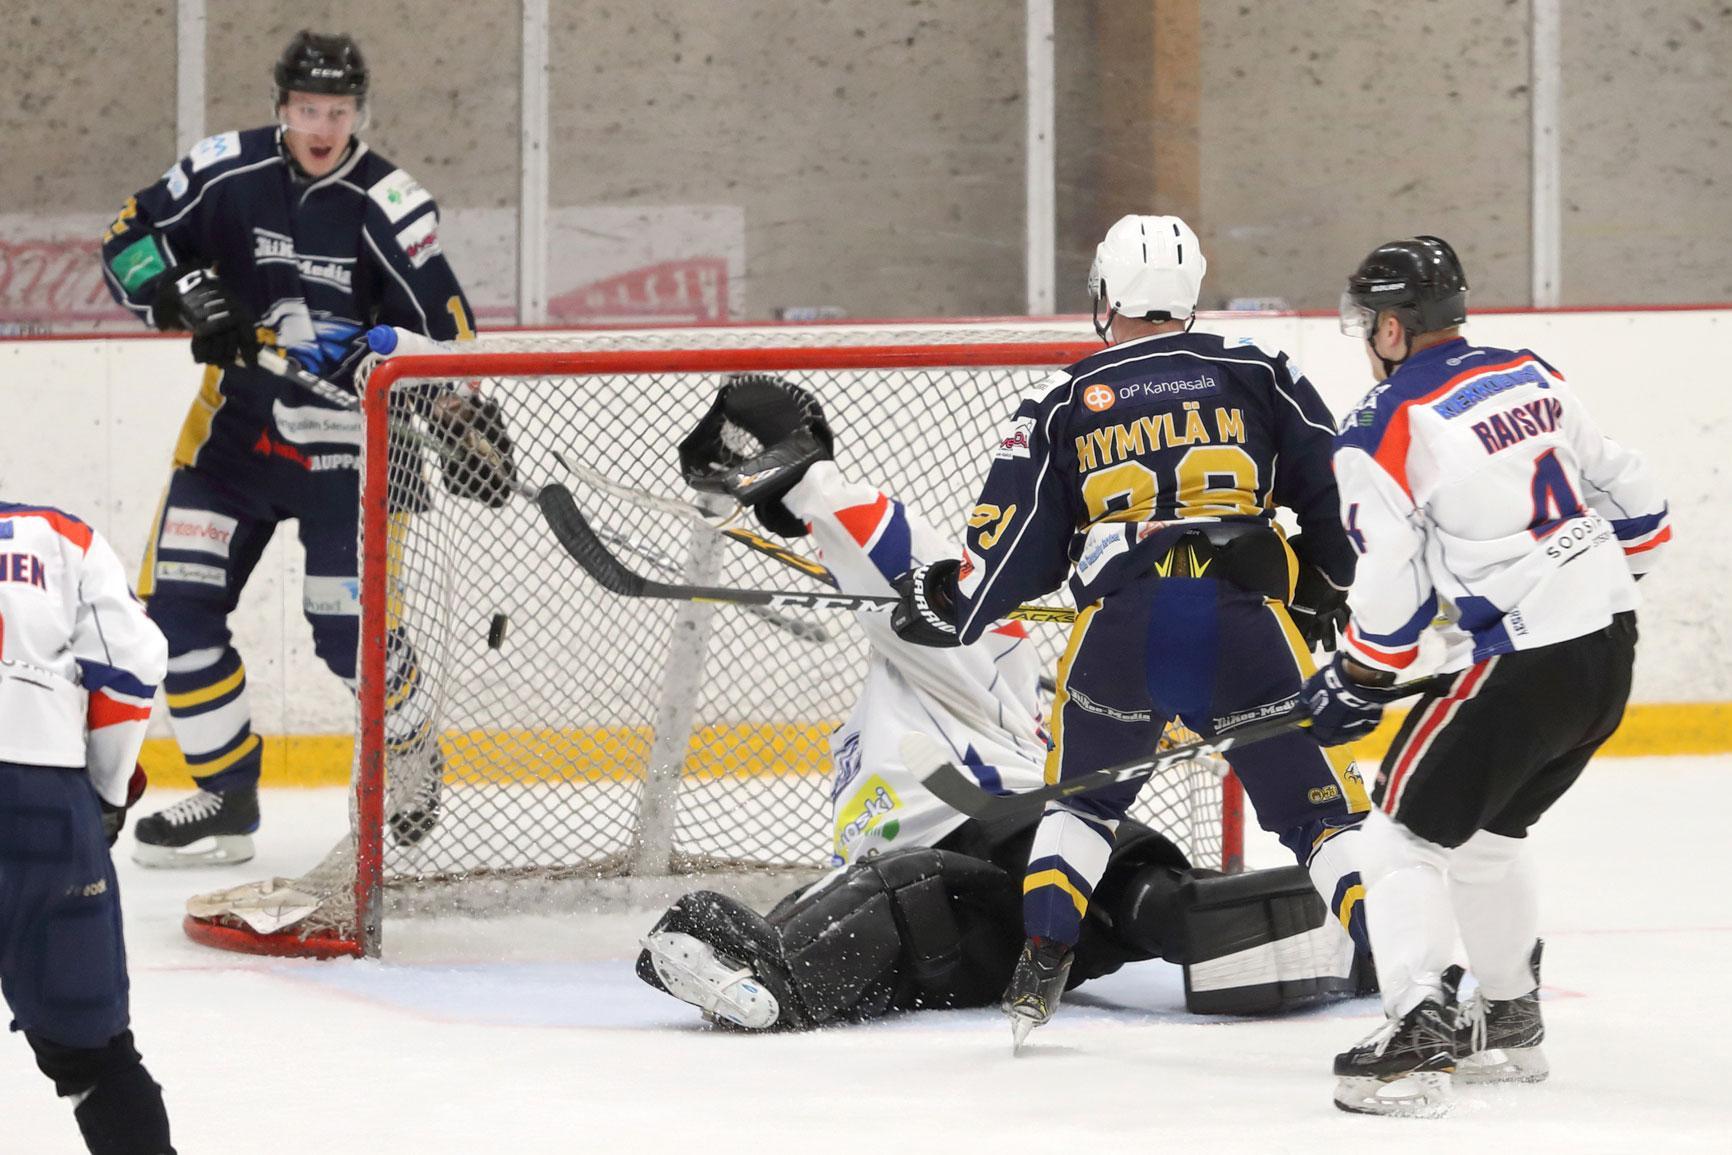 Miika Hymylä on juuri sipaissut kiekon kolmannen kerran LeKin verkkoon. Kuvassa vasemmalla juhlintaa aloittelemassa ottelussa kaksi maalisyöttöä antanut Aleksi Ruusu.